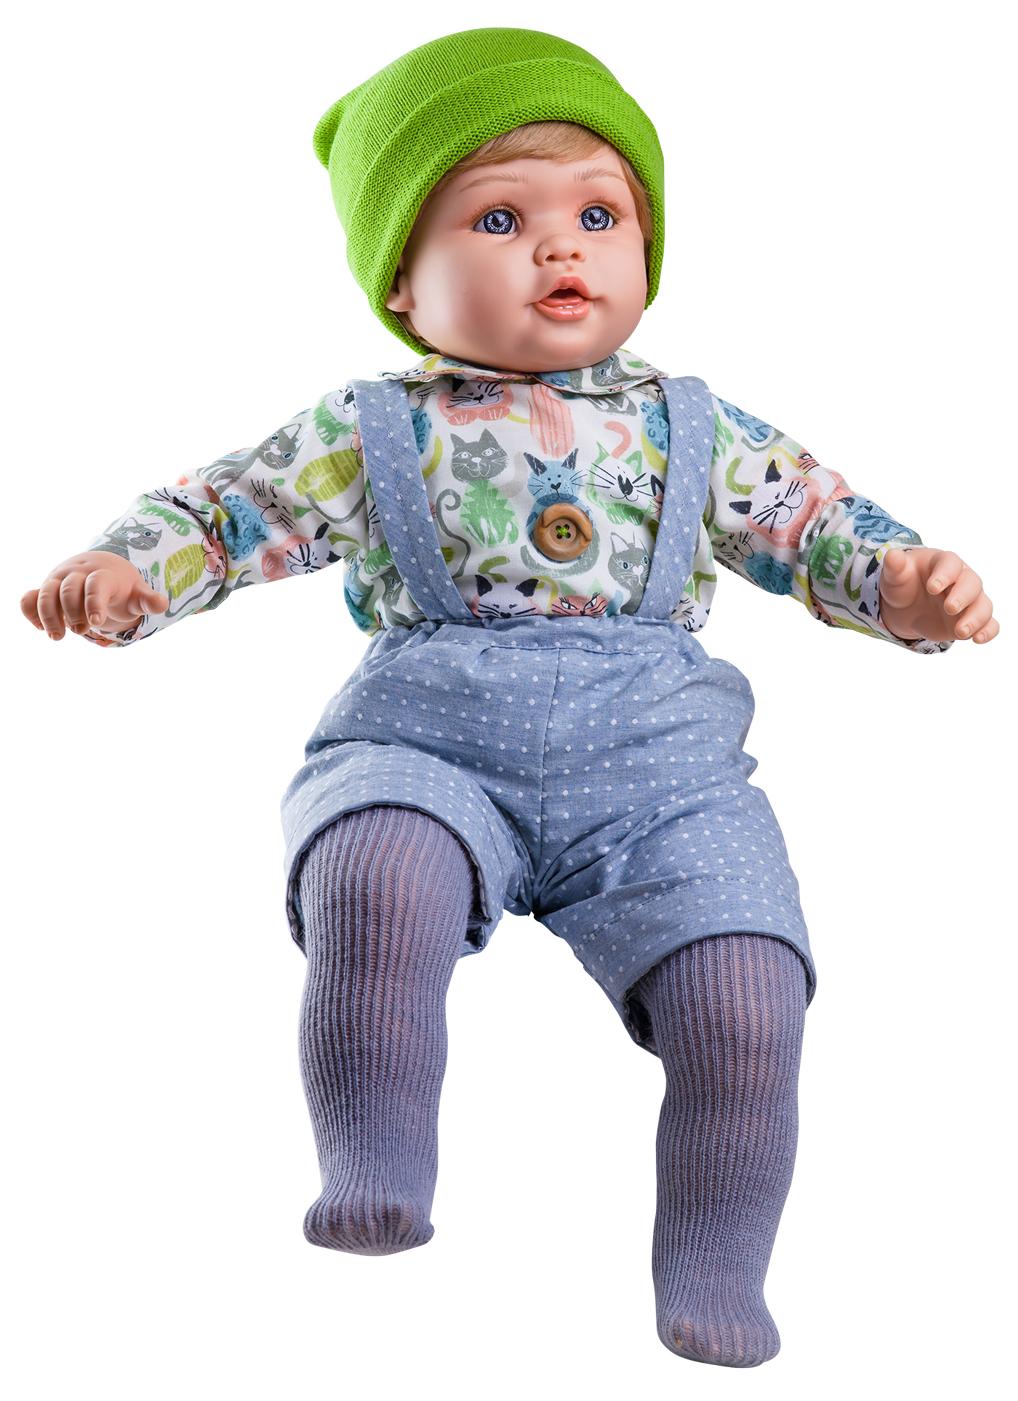 Realistická panenka chlapeček Adrián od f. Paola Reina (Doprava zdarma)